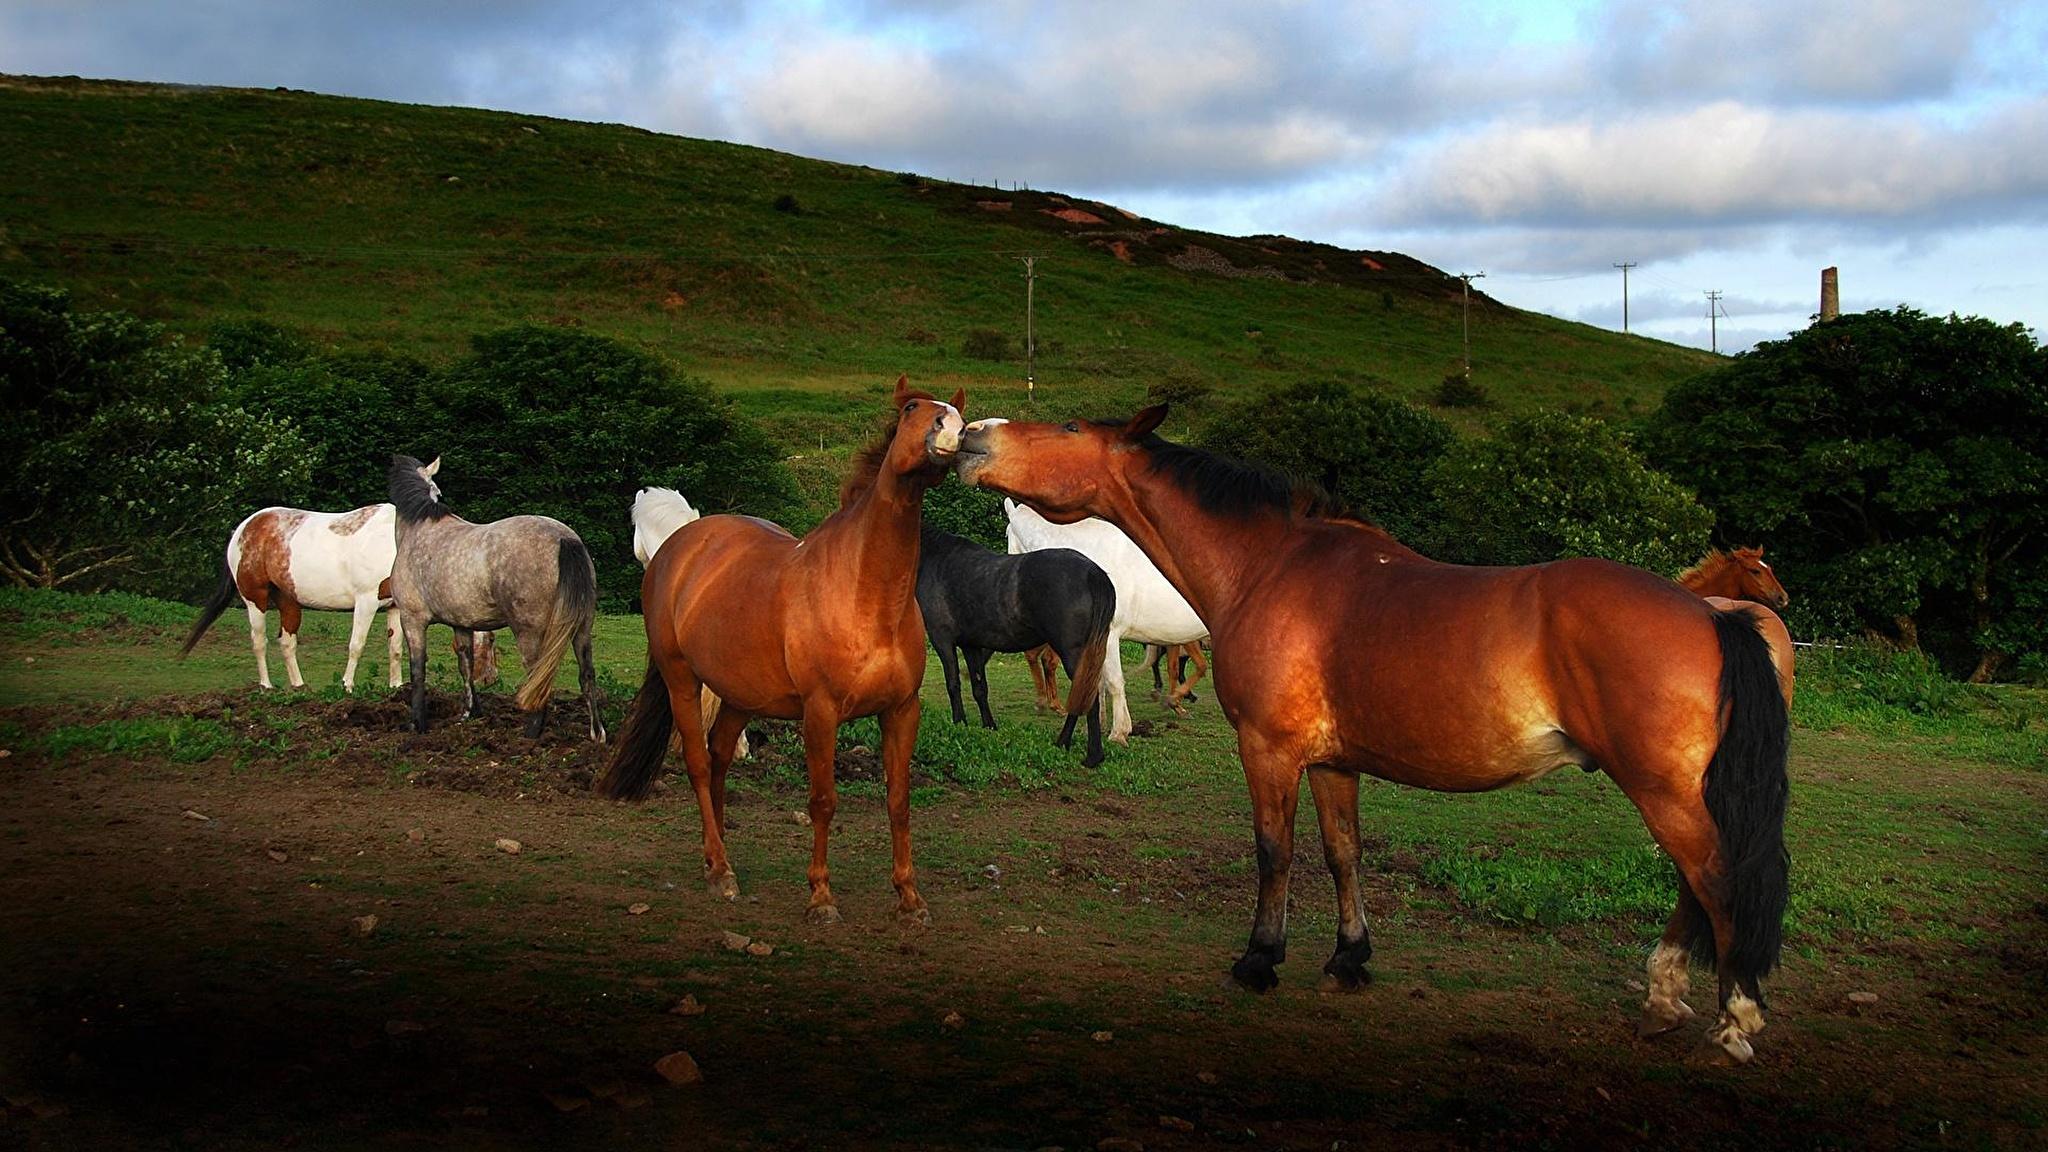 обои на рабочий стол 1920 1080 с лошадьми № 251442 бесплатно